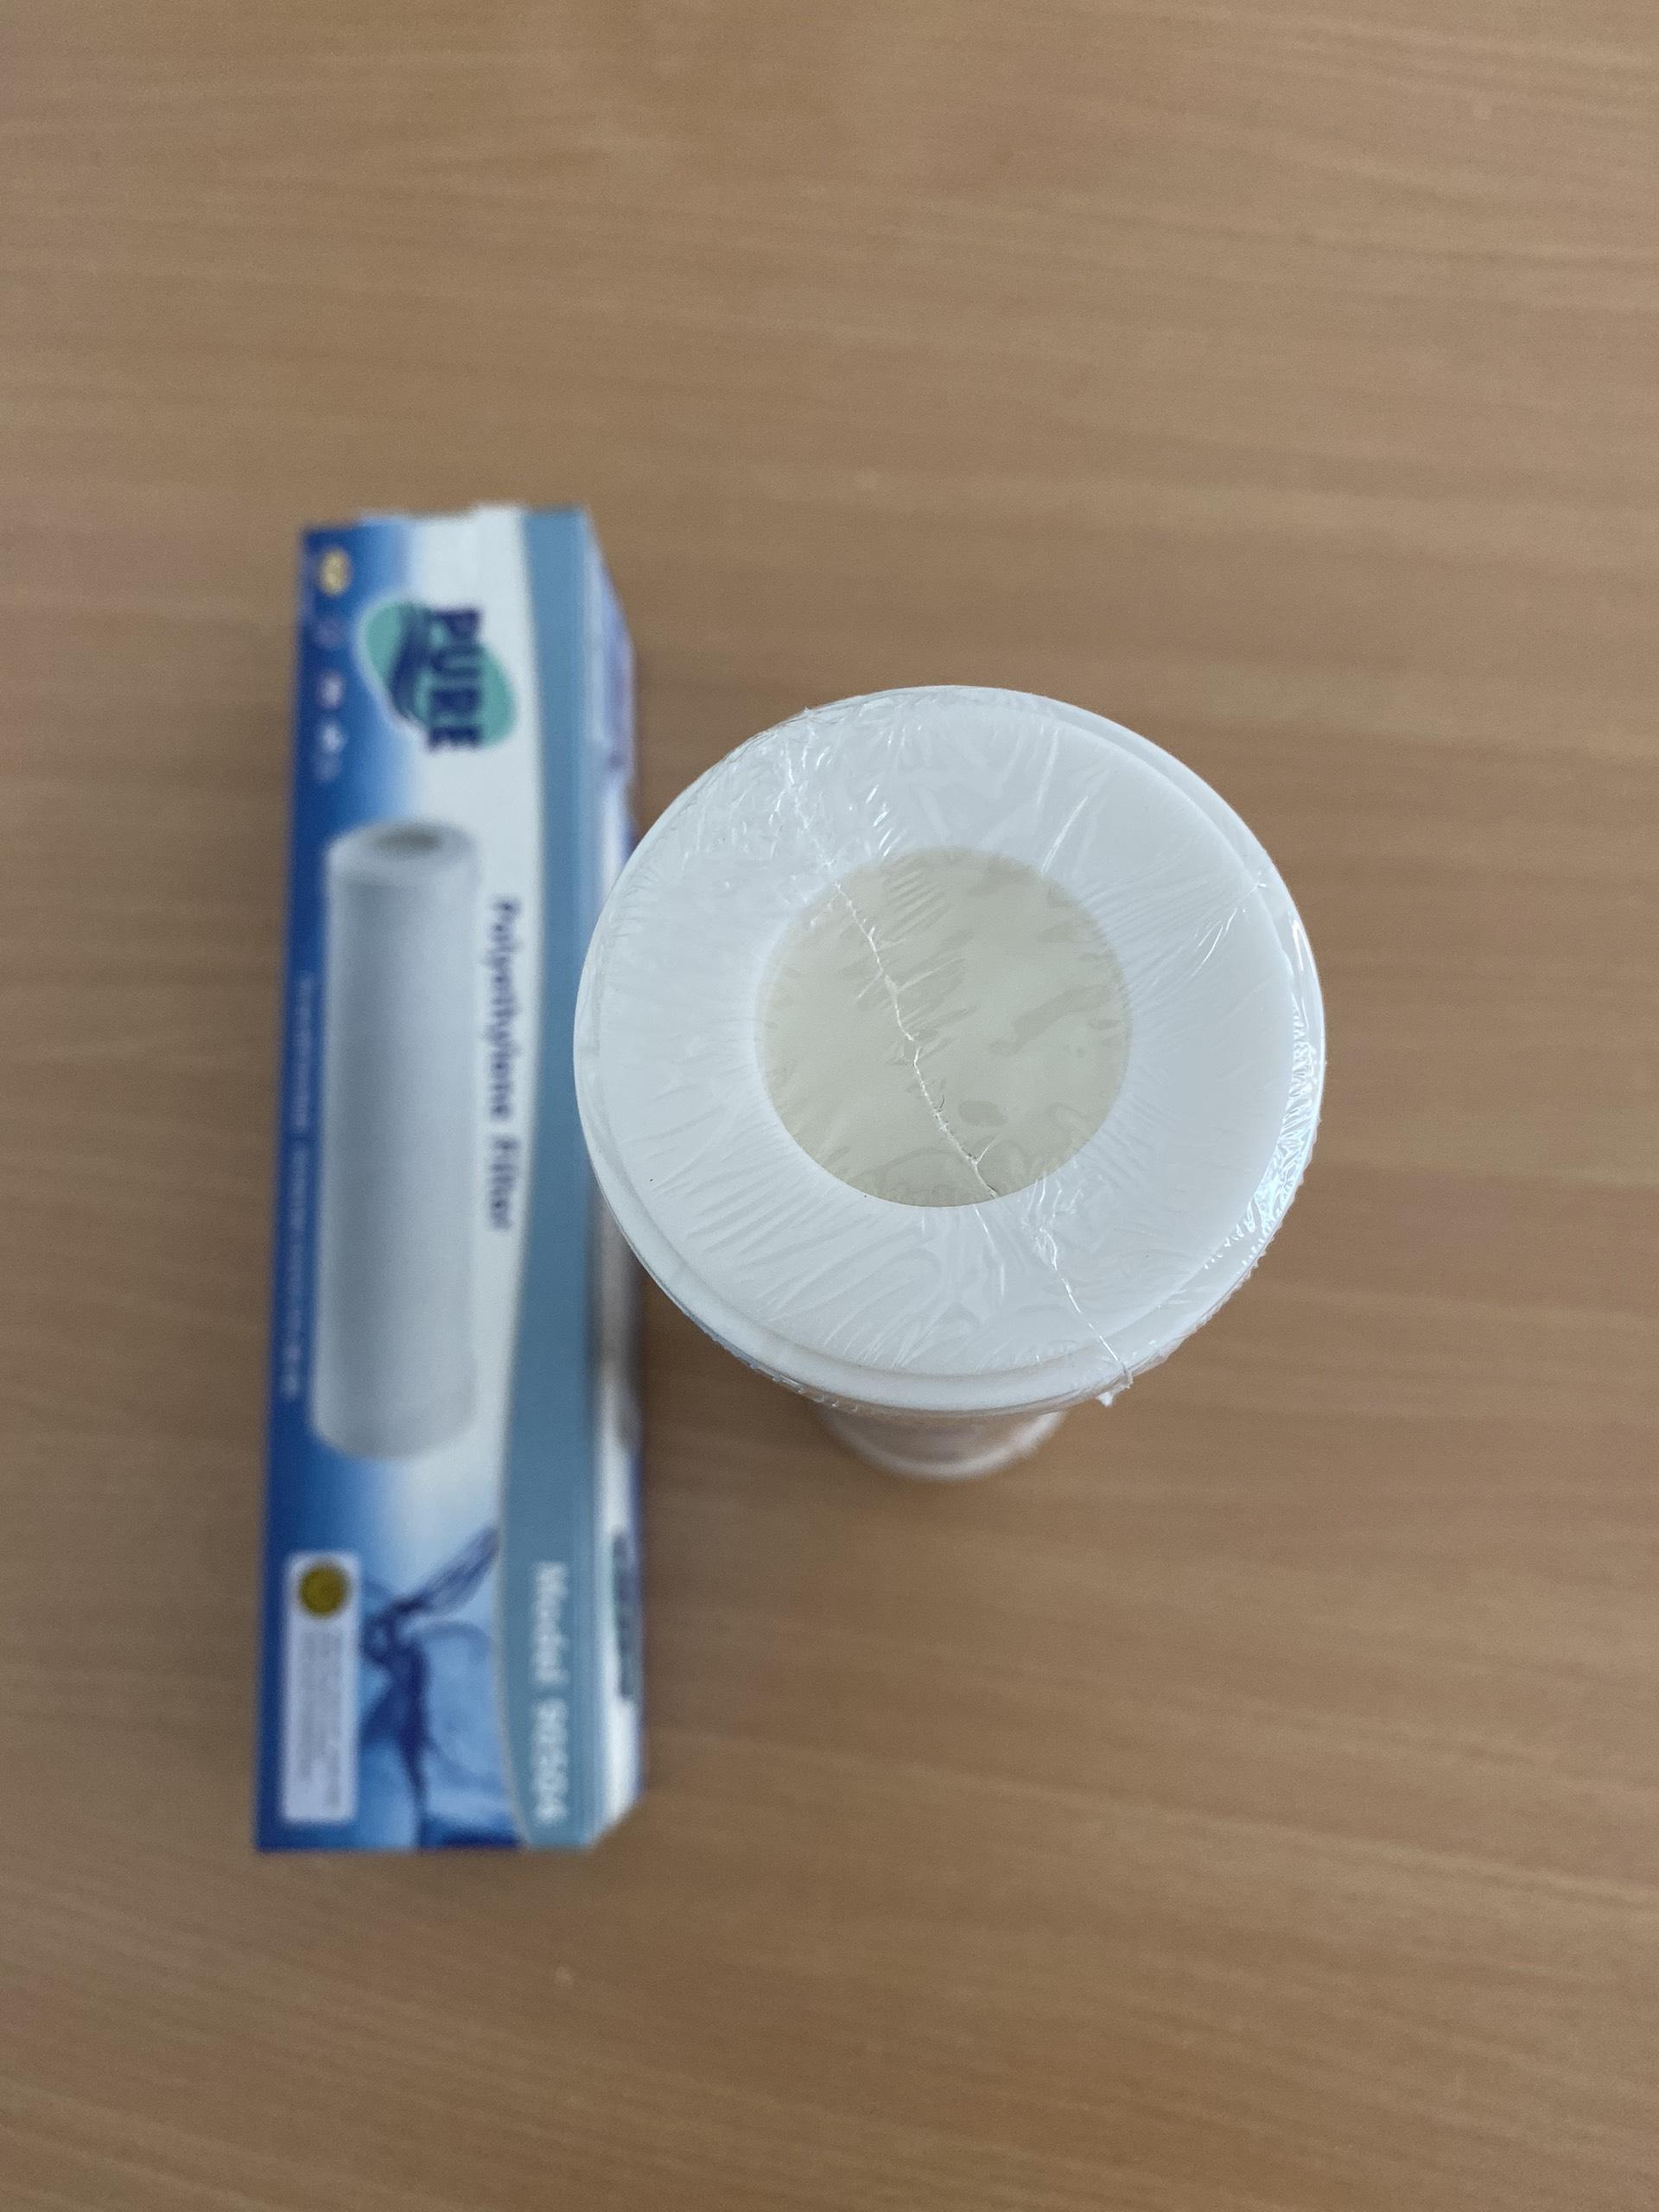 """Lõi lọc tinh PE 10"""" 0.3 micron Thái Lan - Hàng chính hãng"""